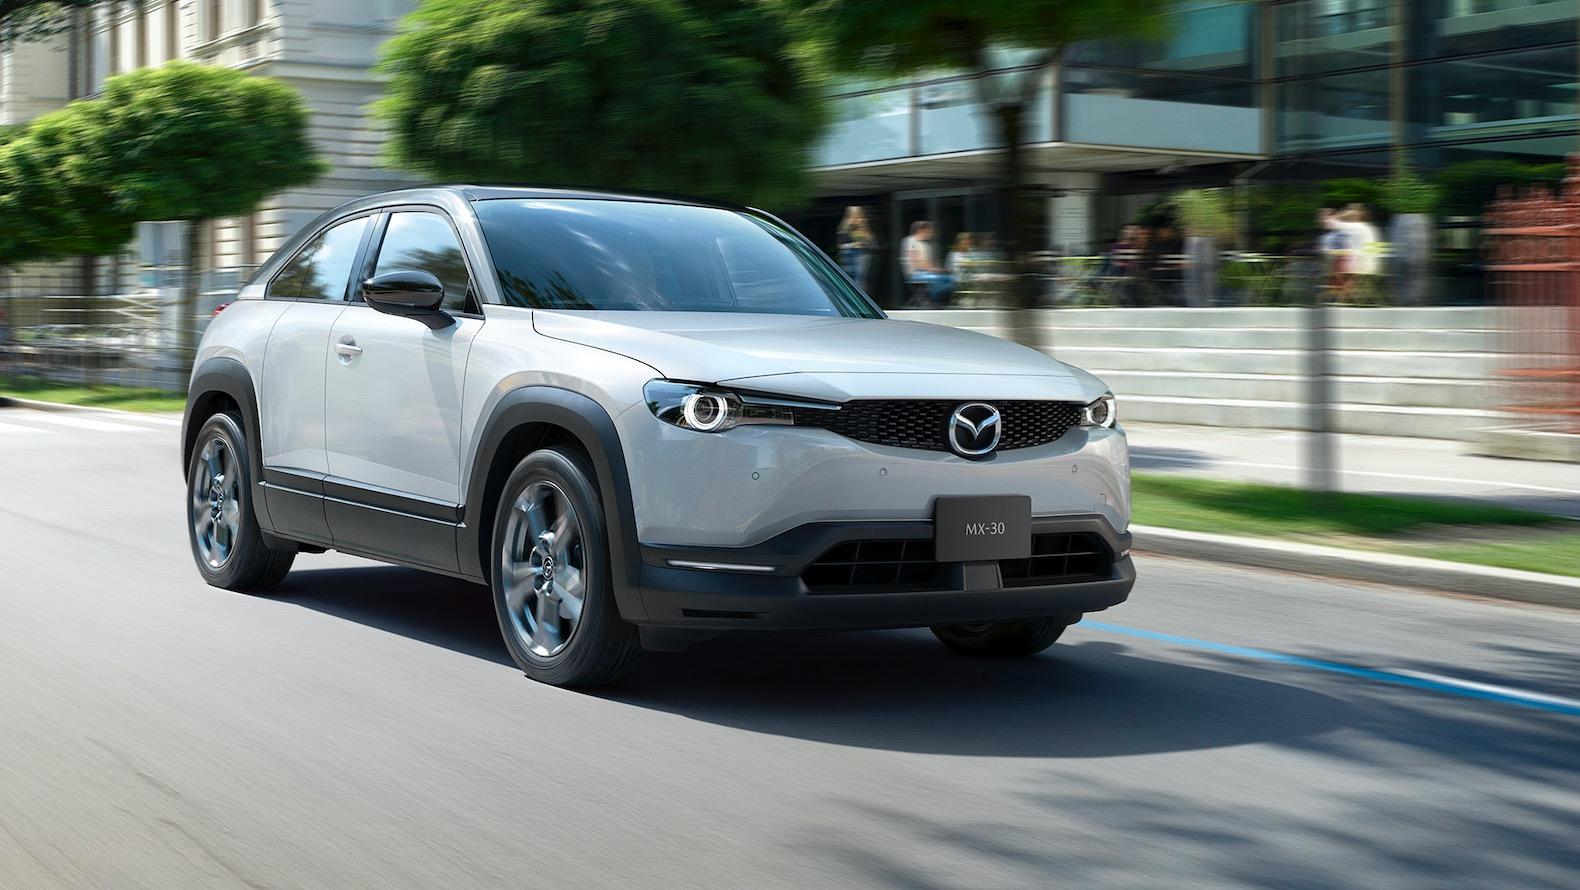 2021 mazda mx-30 mild-hybrid debuts in japan   the torque